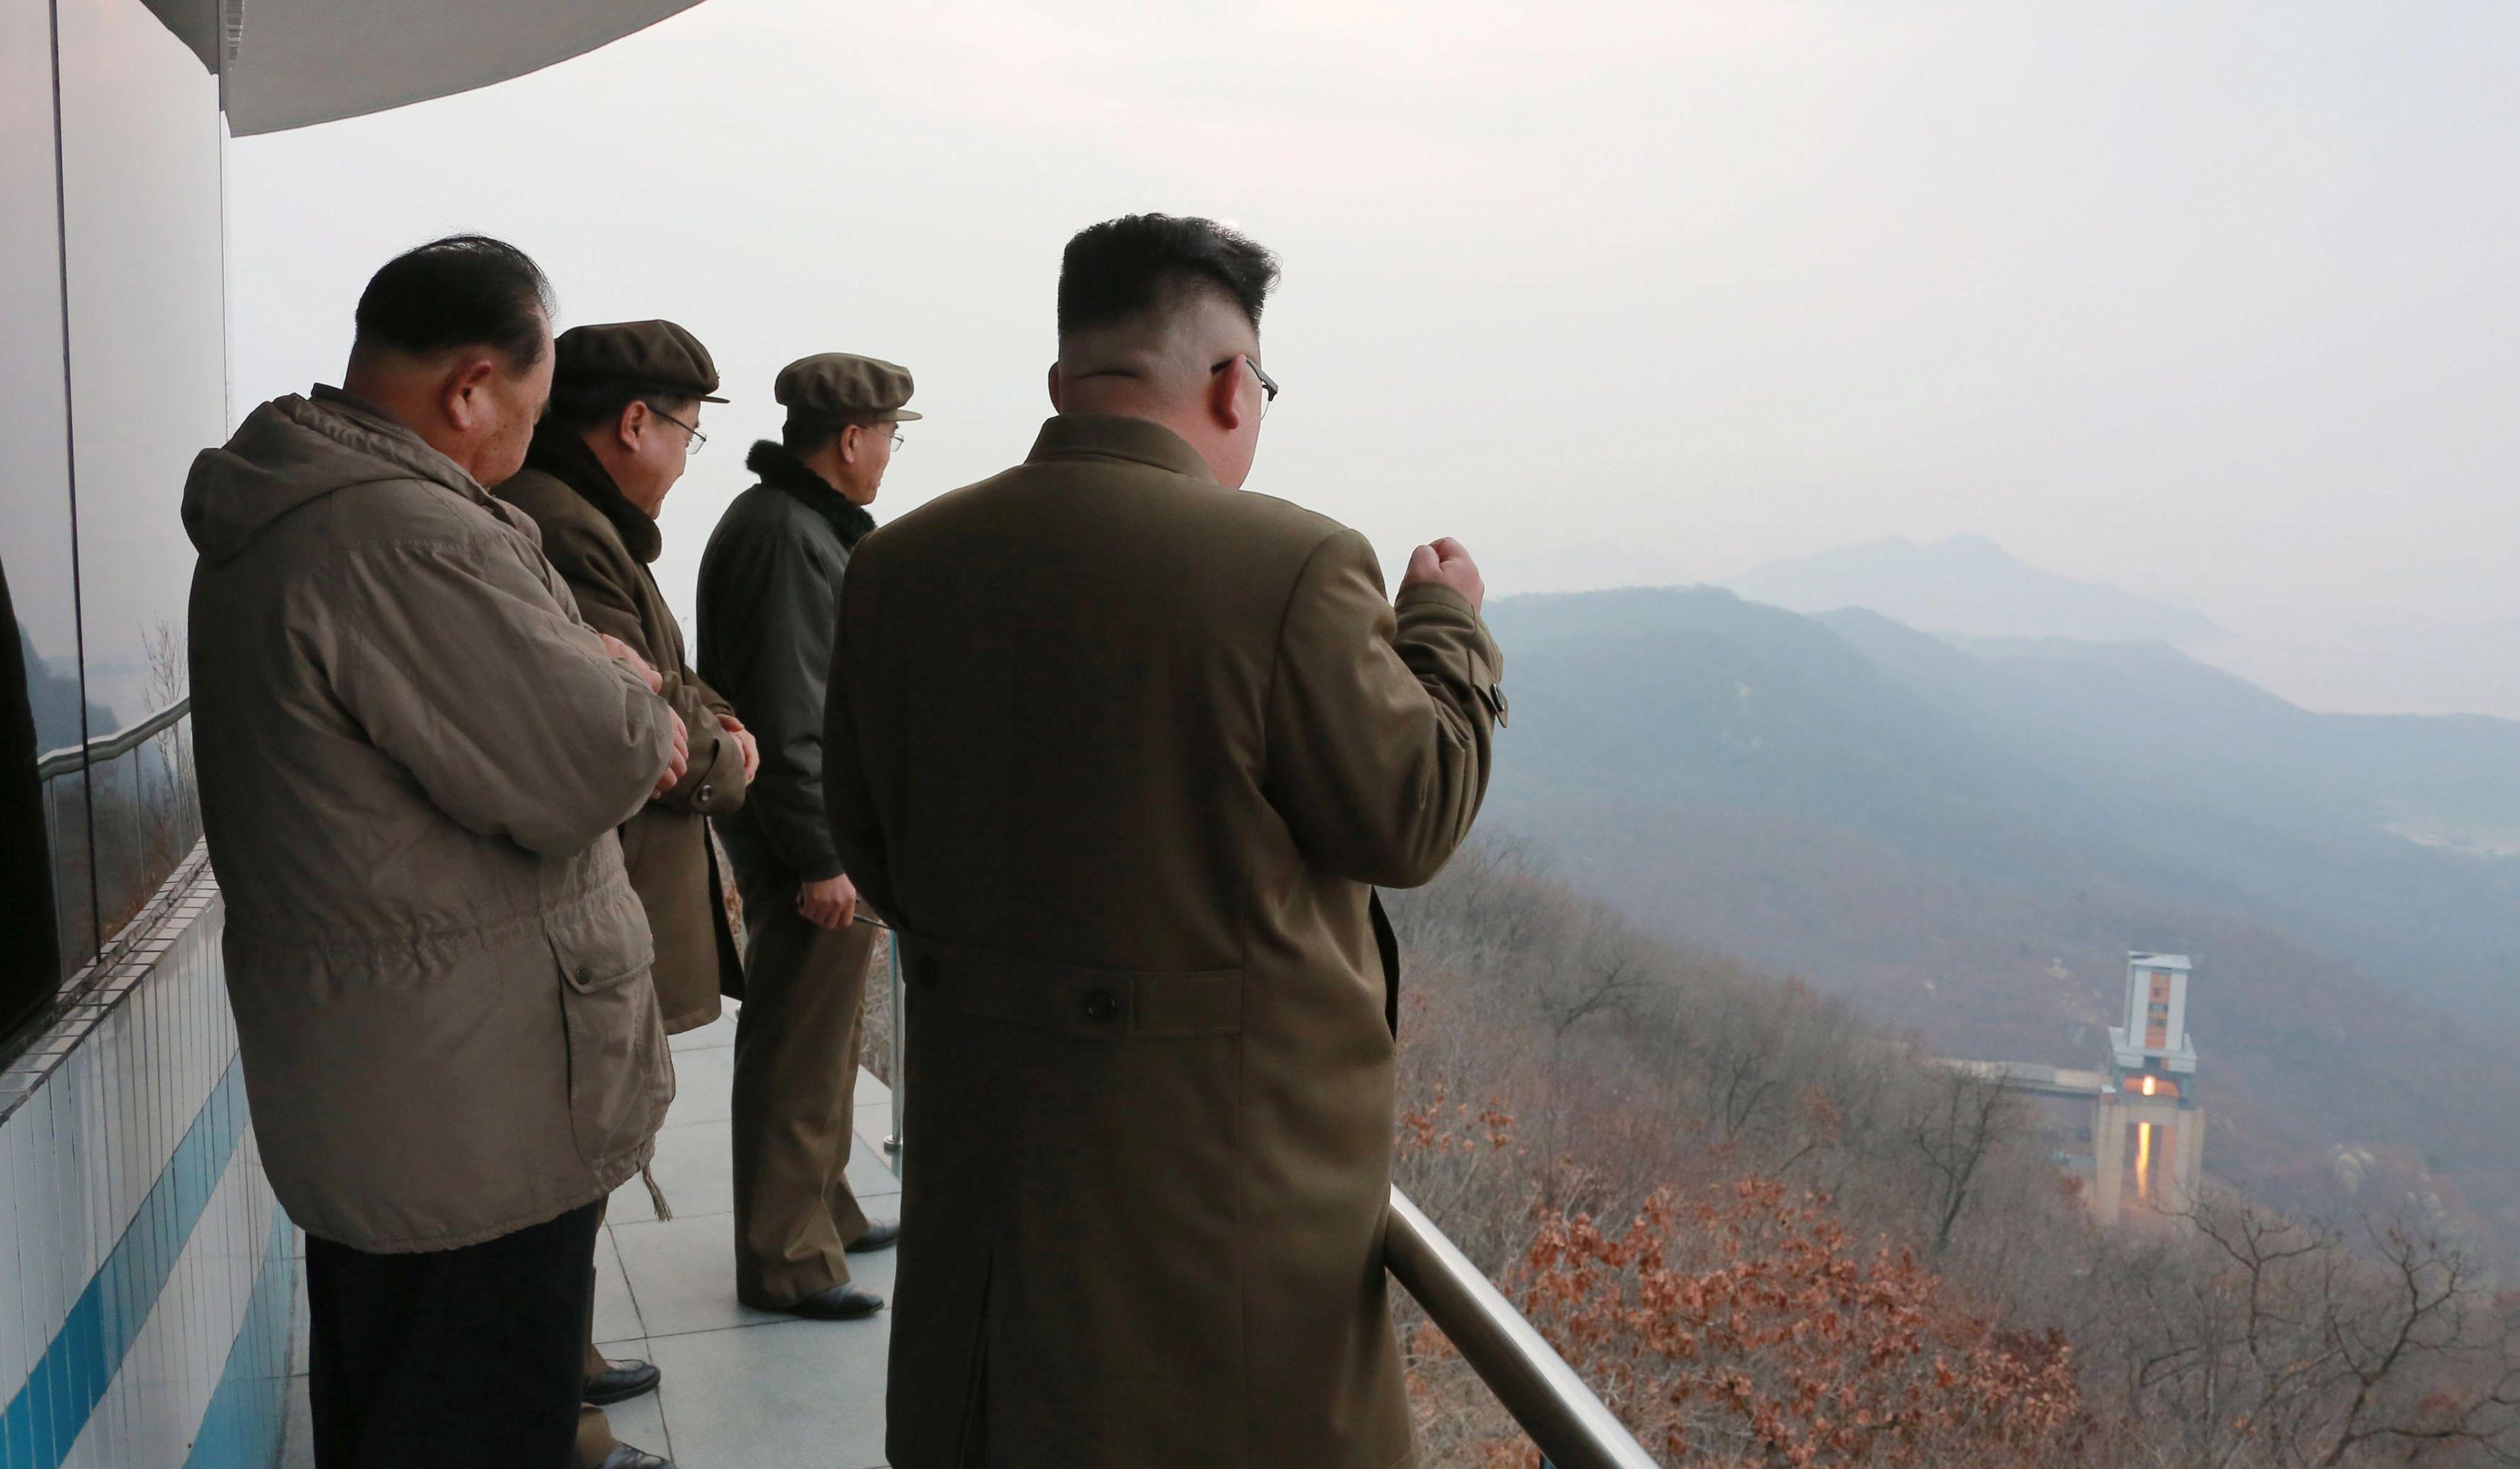 Sjeverna Koreja možda u završnoj fazi pripreme za nuklearni pokus